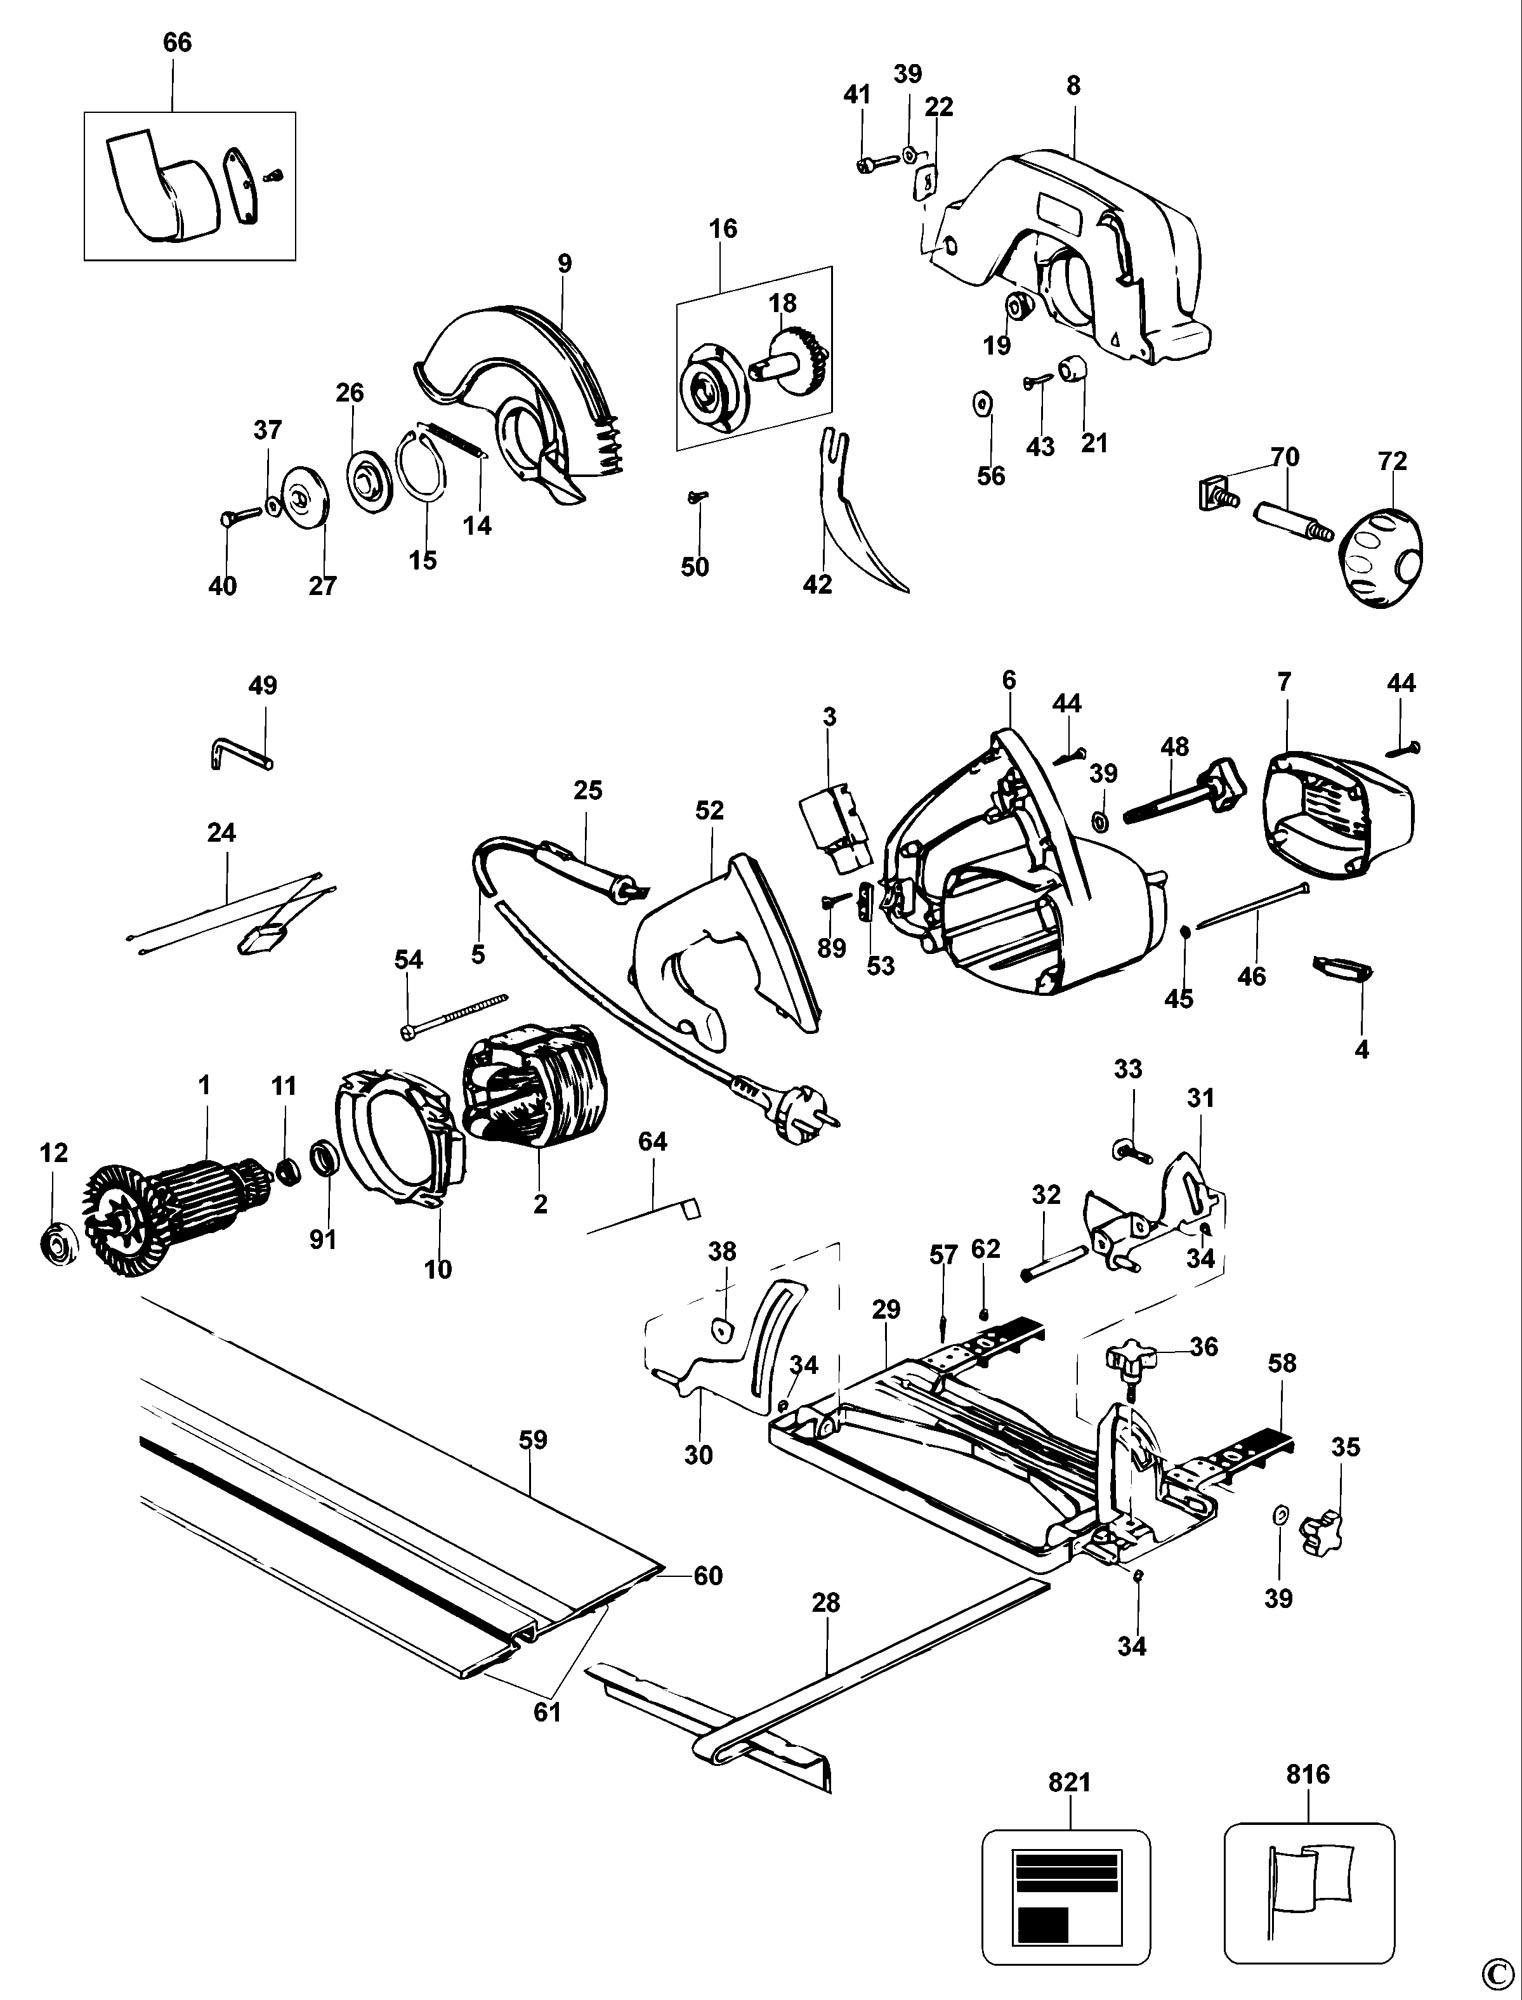 Spares for Dewalt Dw351 Circular Saw (type 7) SPARE_DW351